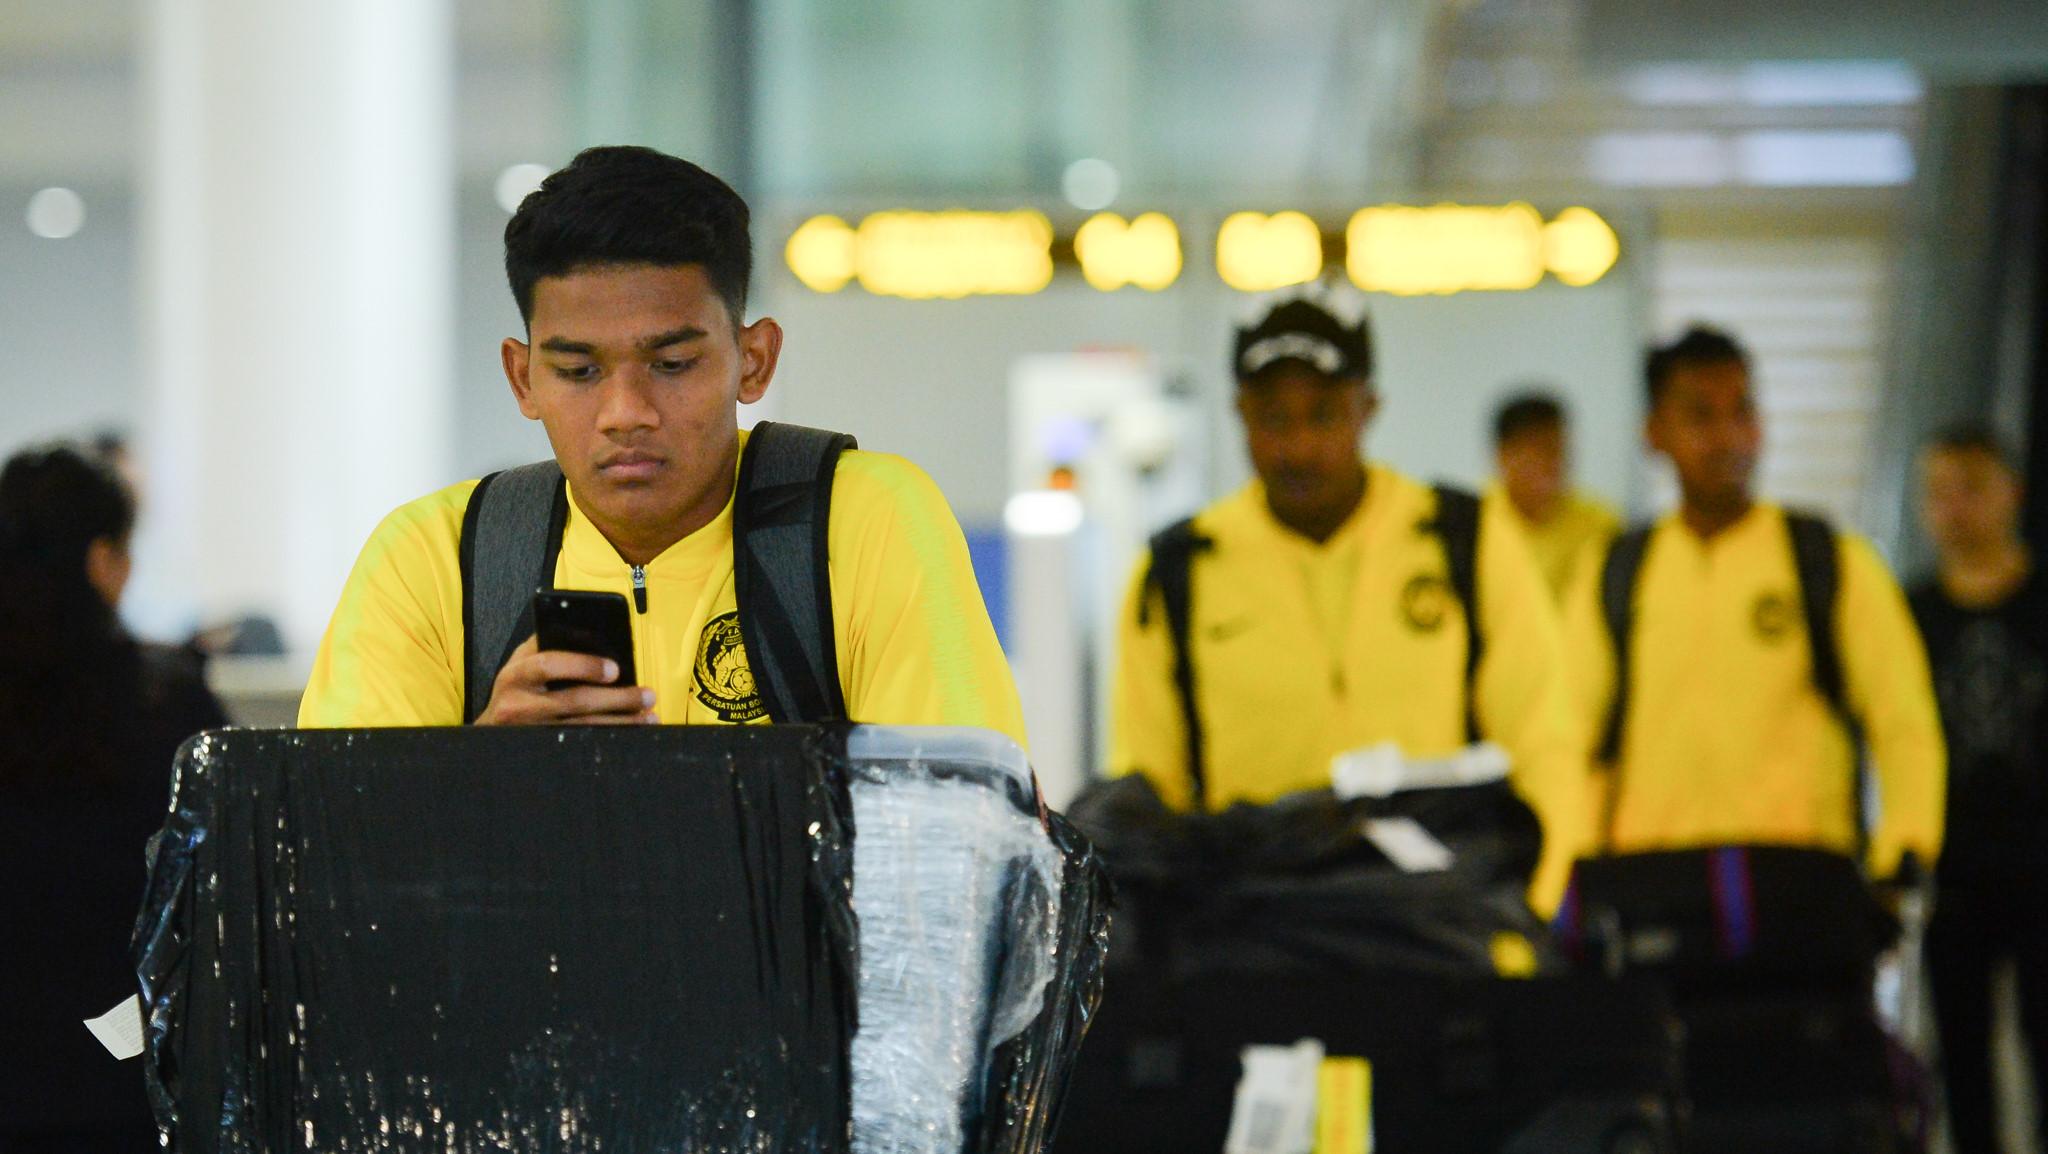 Xe buýt chở đội Malaysia bỏ quên người ở sân bay Nội Bài Ảnh 1